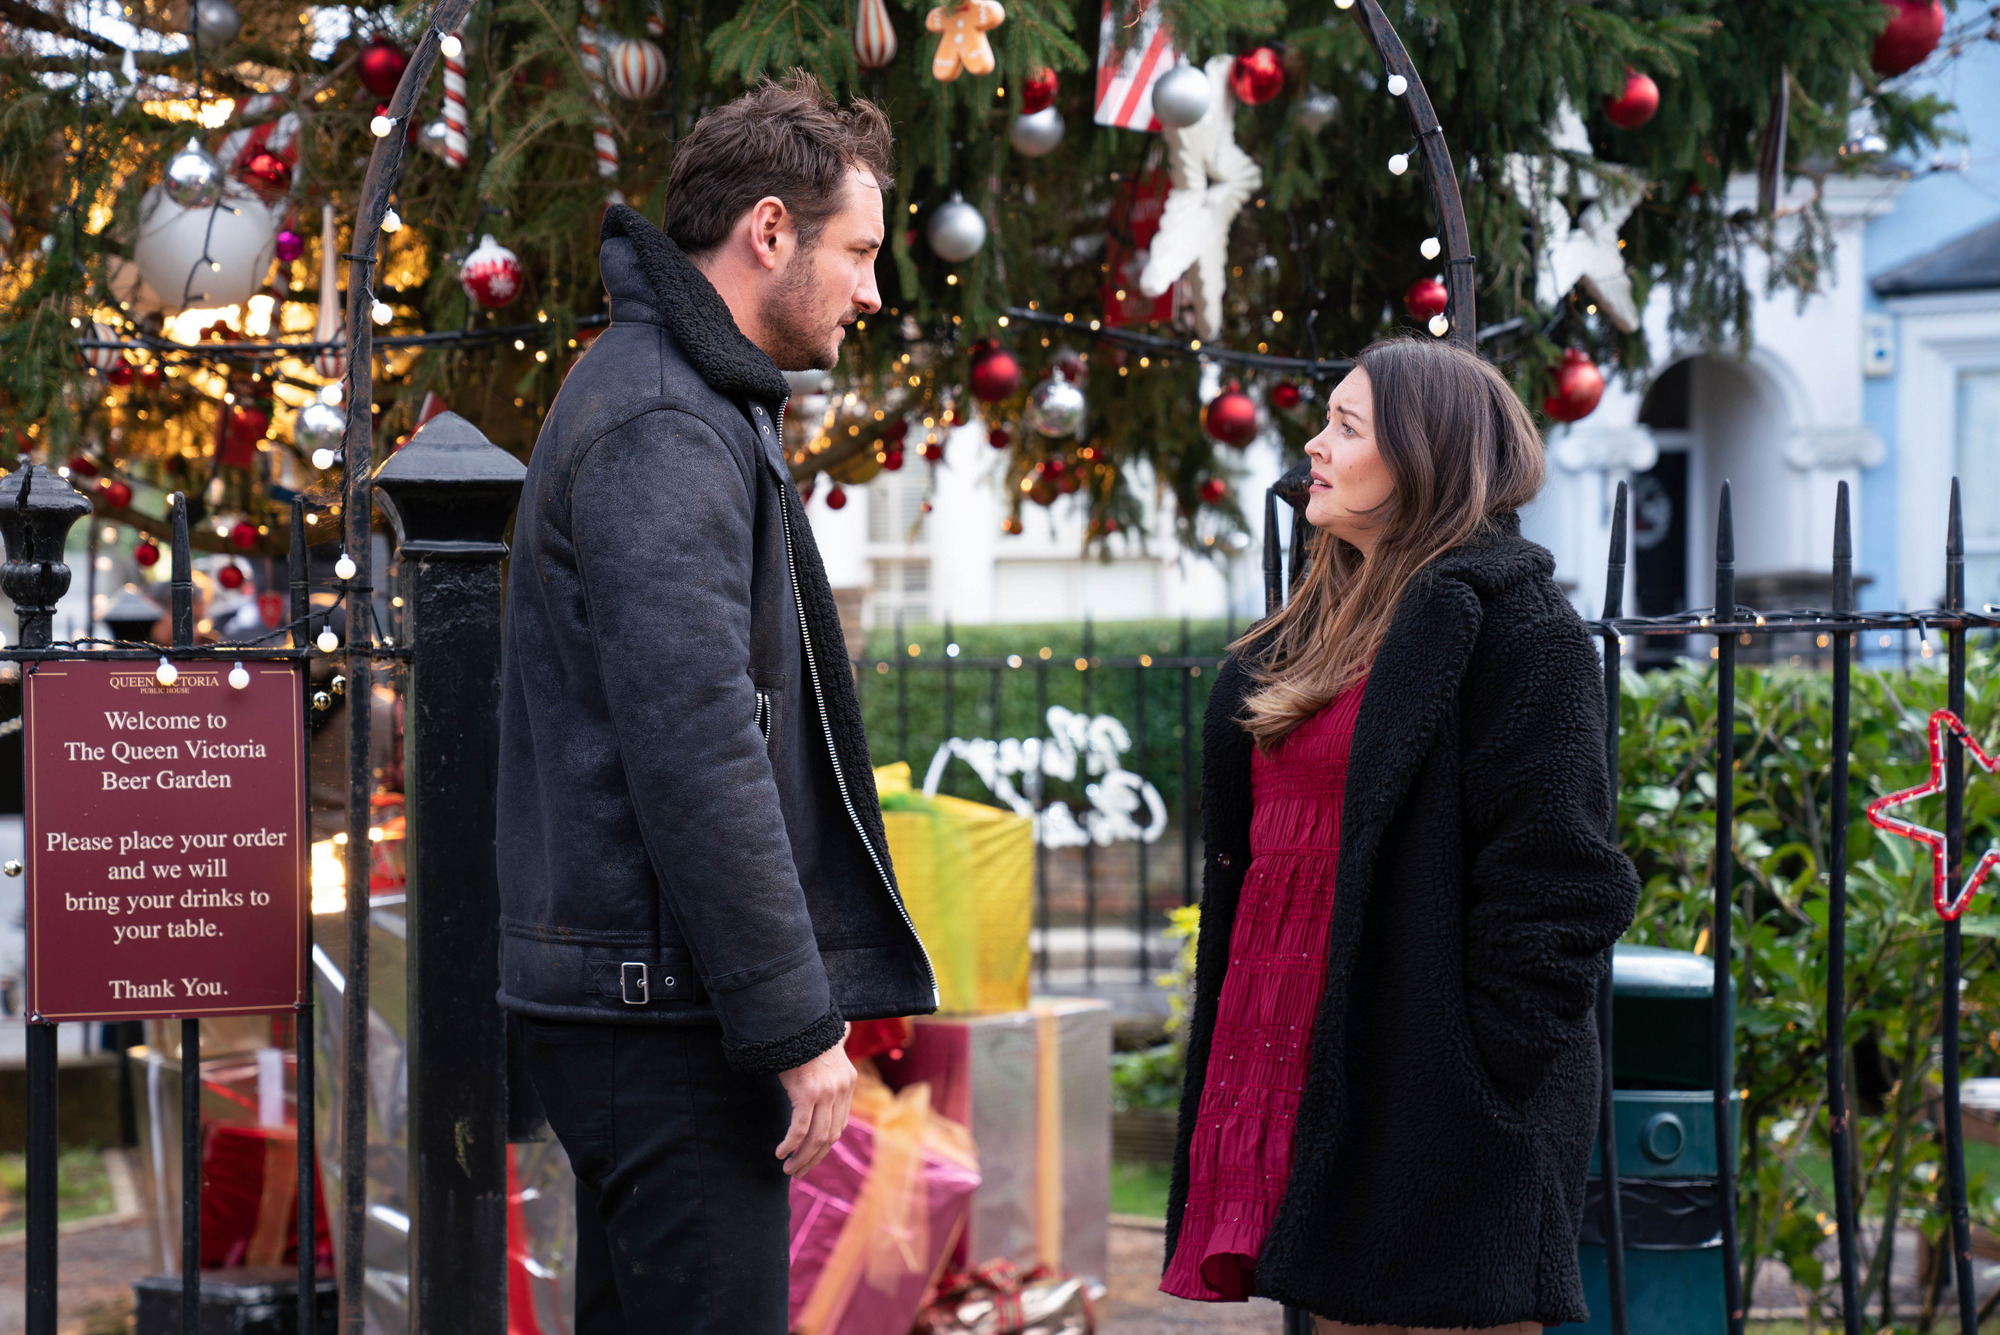 Stacey y Martin salen a caminar juntos en EastEnders